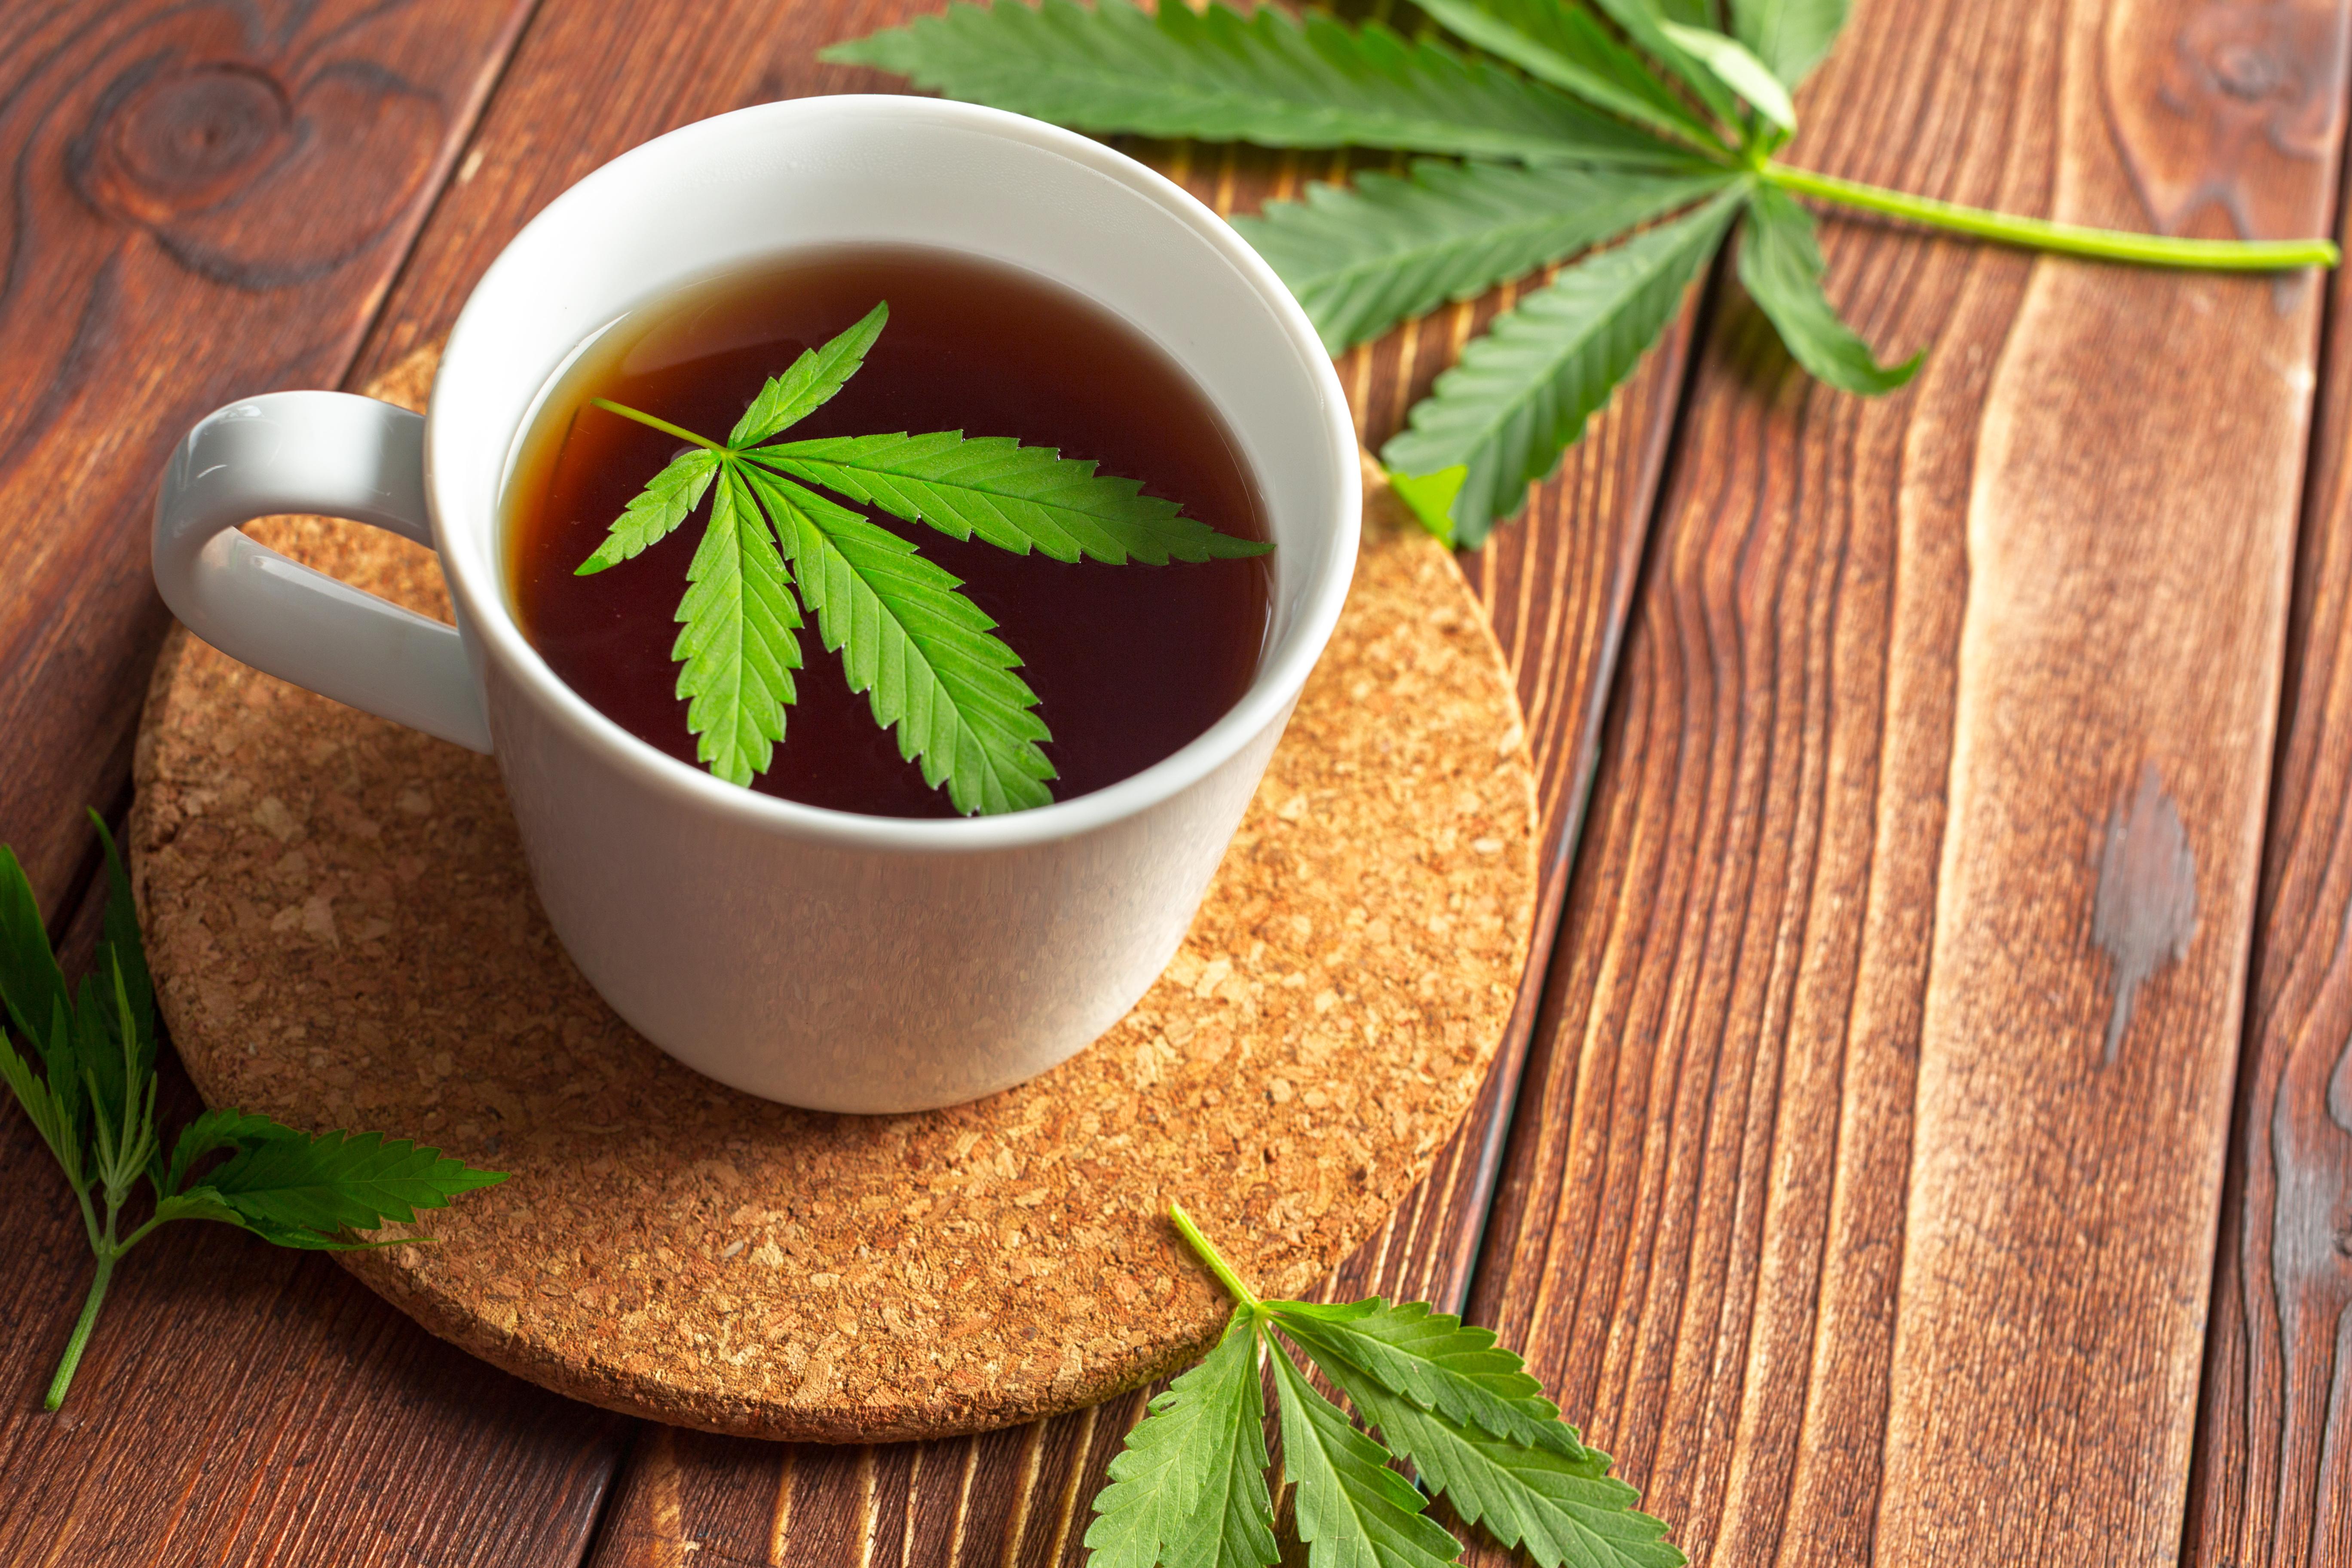 A cannabis leaf in a tea cup.